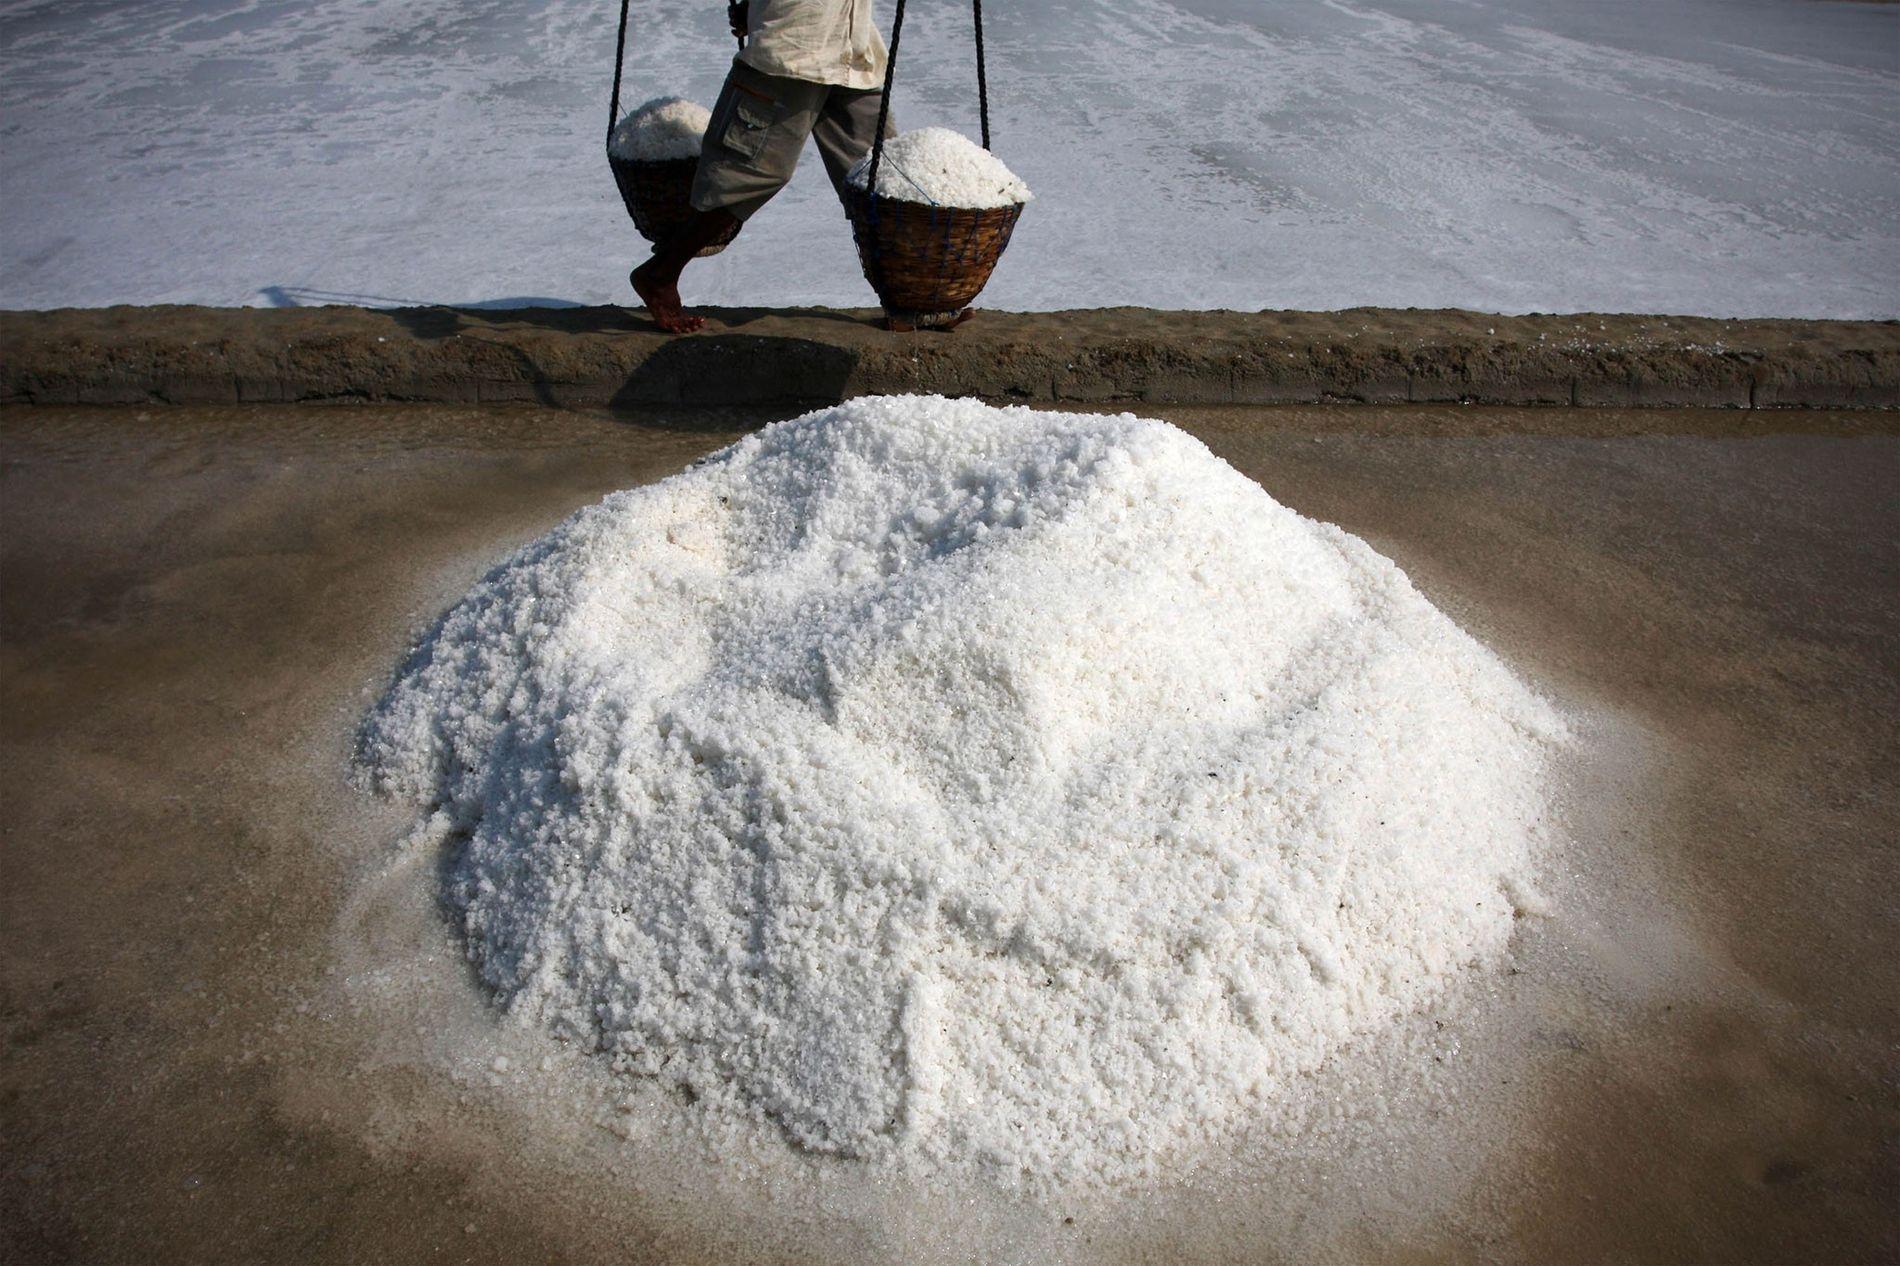 Auf der indonesischen Insel Madura wird Salz durch die Verdunstung von Meerwasser hergestellt, eine sehr alte ...